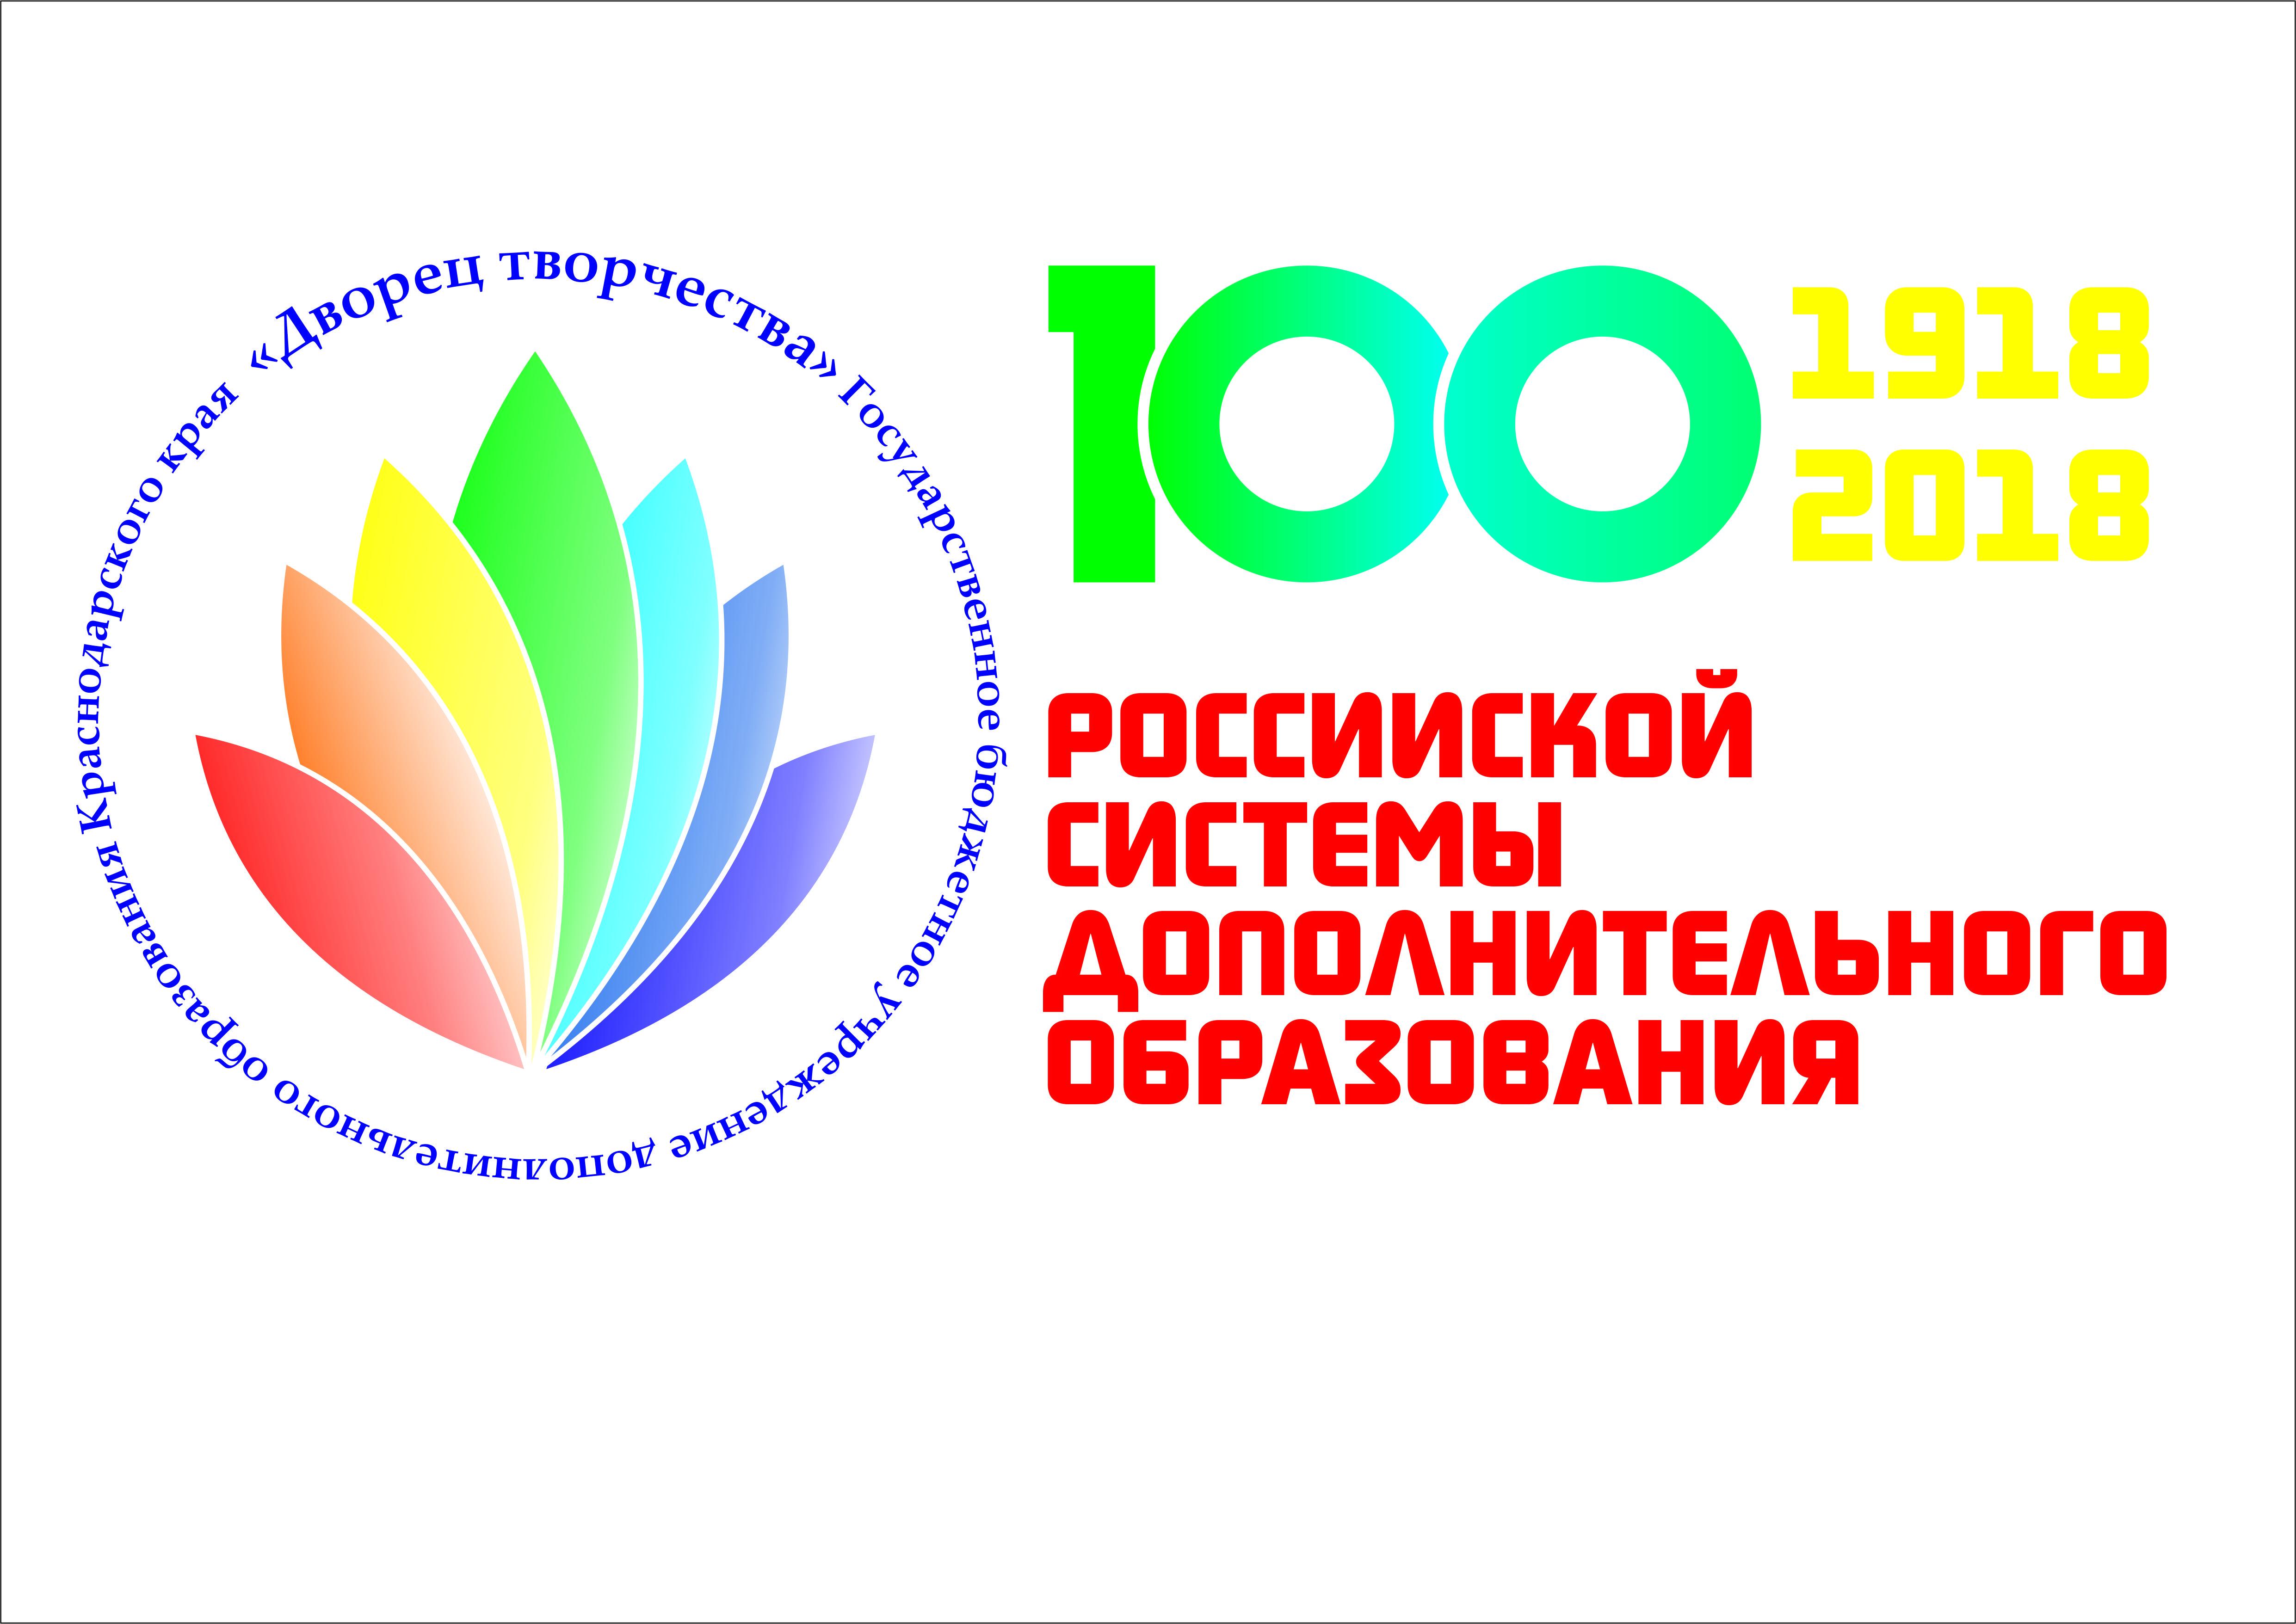 100-летие системы дополнительного образования РФ